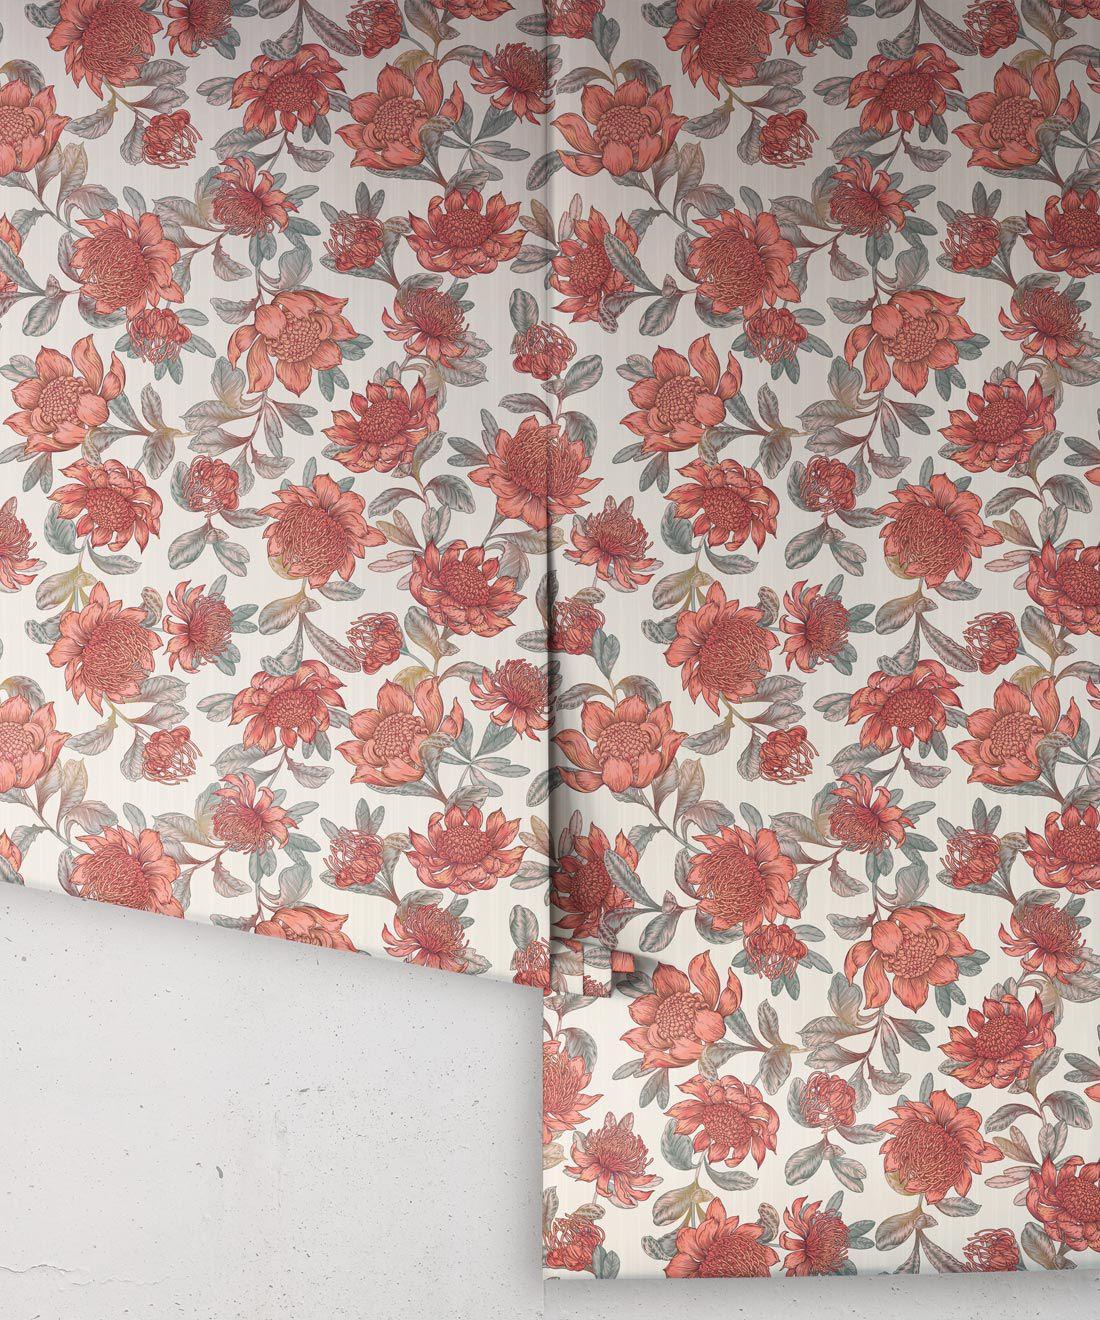 Waratah Wallpaper • Eloise Short • Vintage Floral Wallpaper •Granny Chic Wallpaper • Grandmillennial Style Wallpaper •Parchment •Rolls